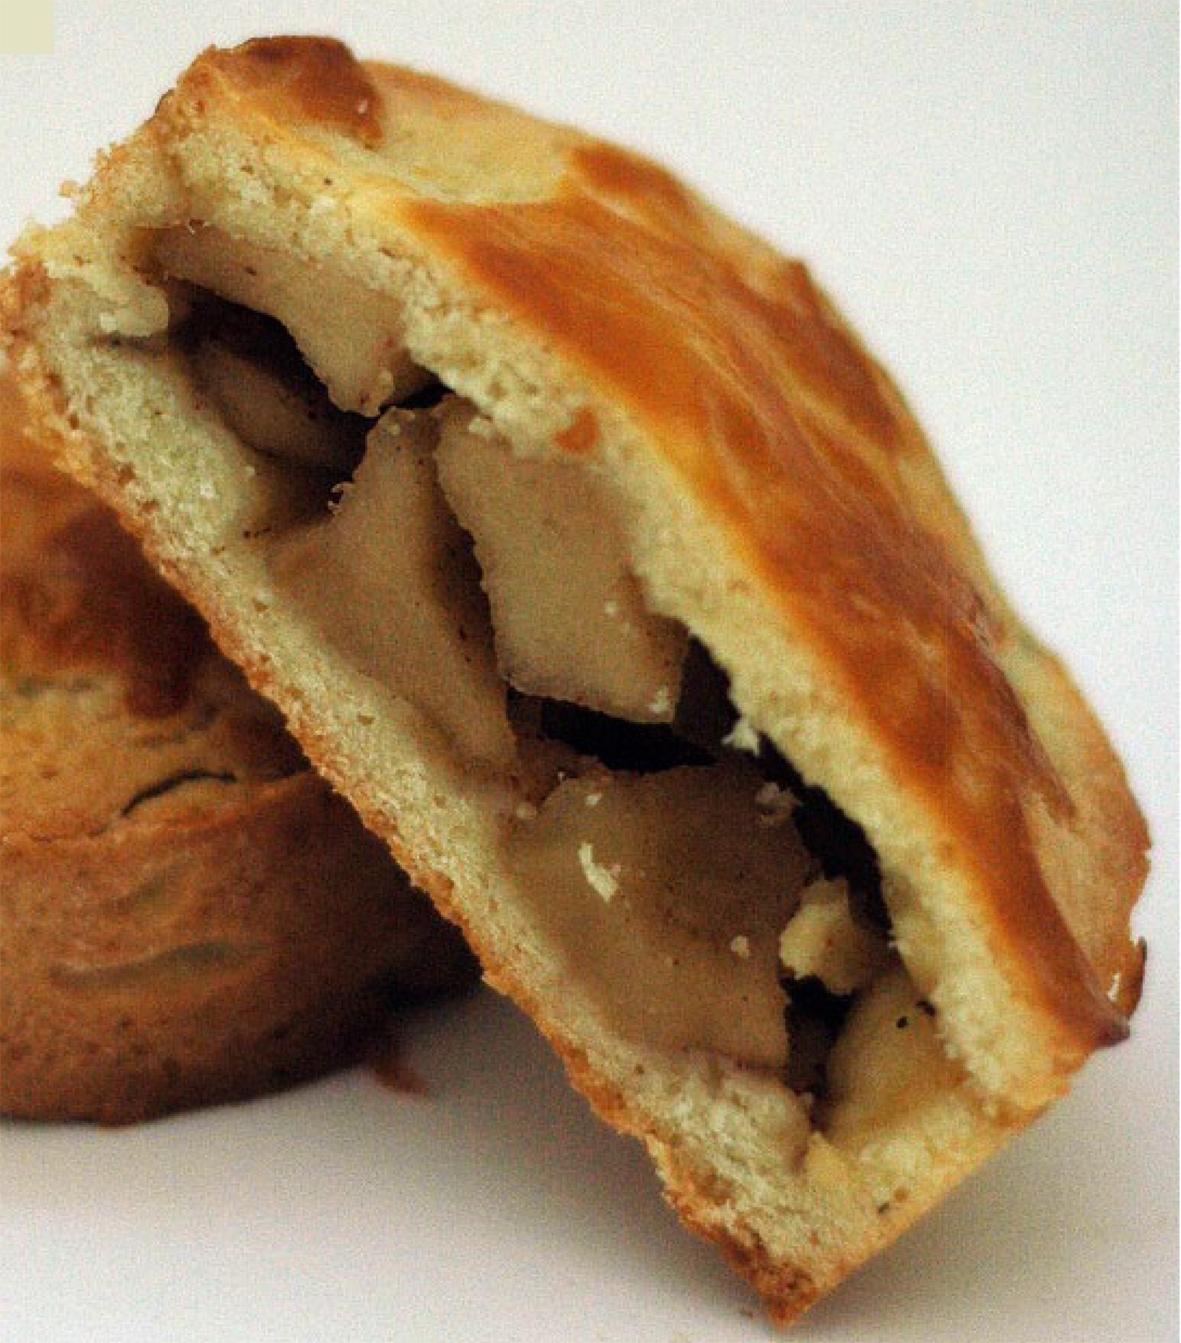 Fransız üsulu almalı keks (Qateau basque). Pirojna